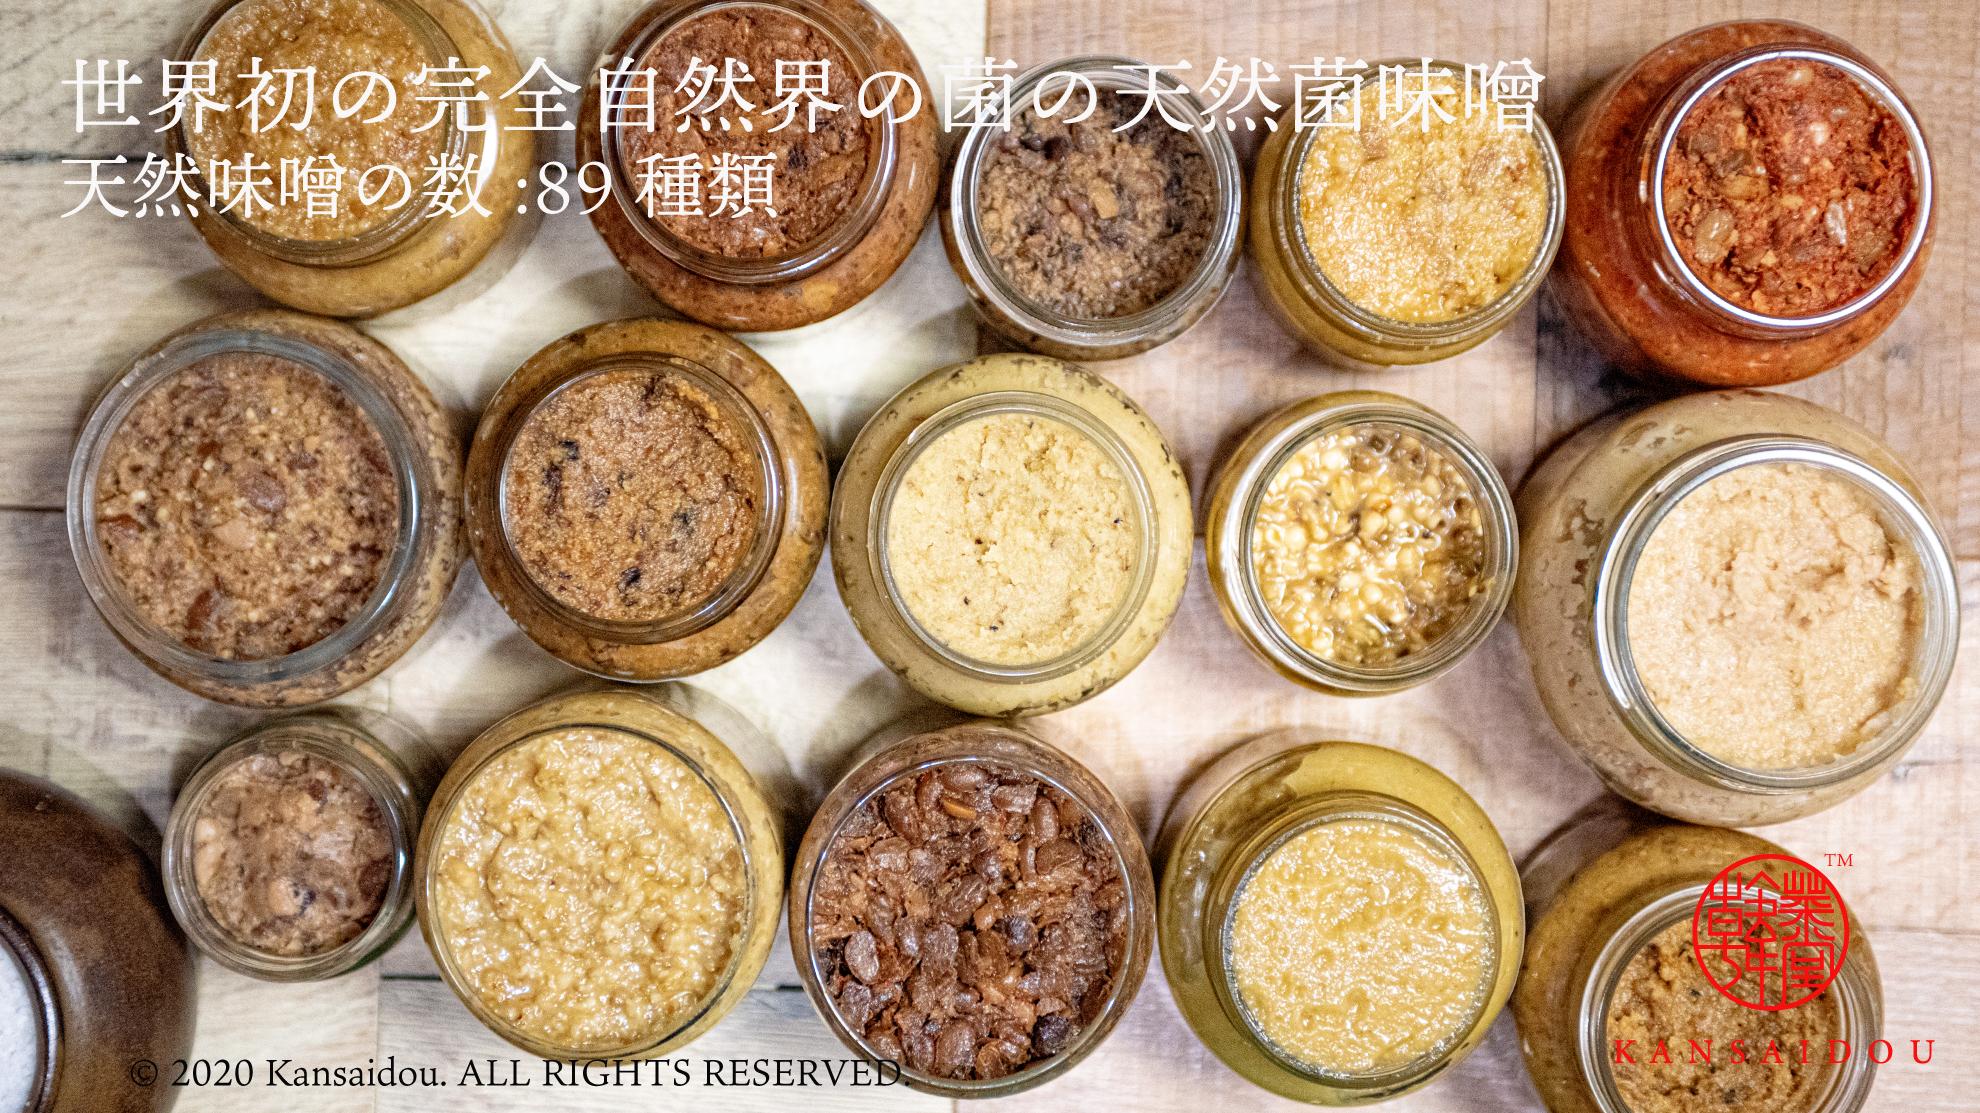 天然味噌や天然酢など無農薬無添加の天然調味料ザカンサイドウラボ